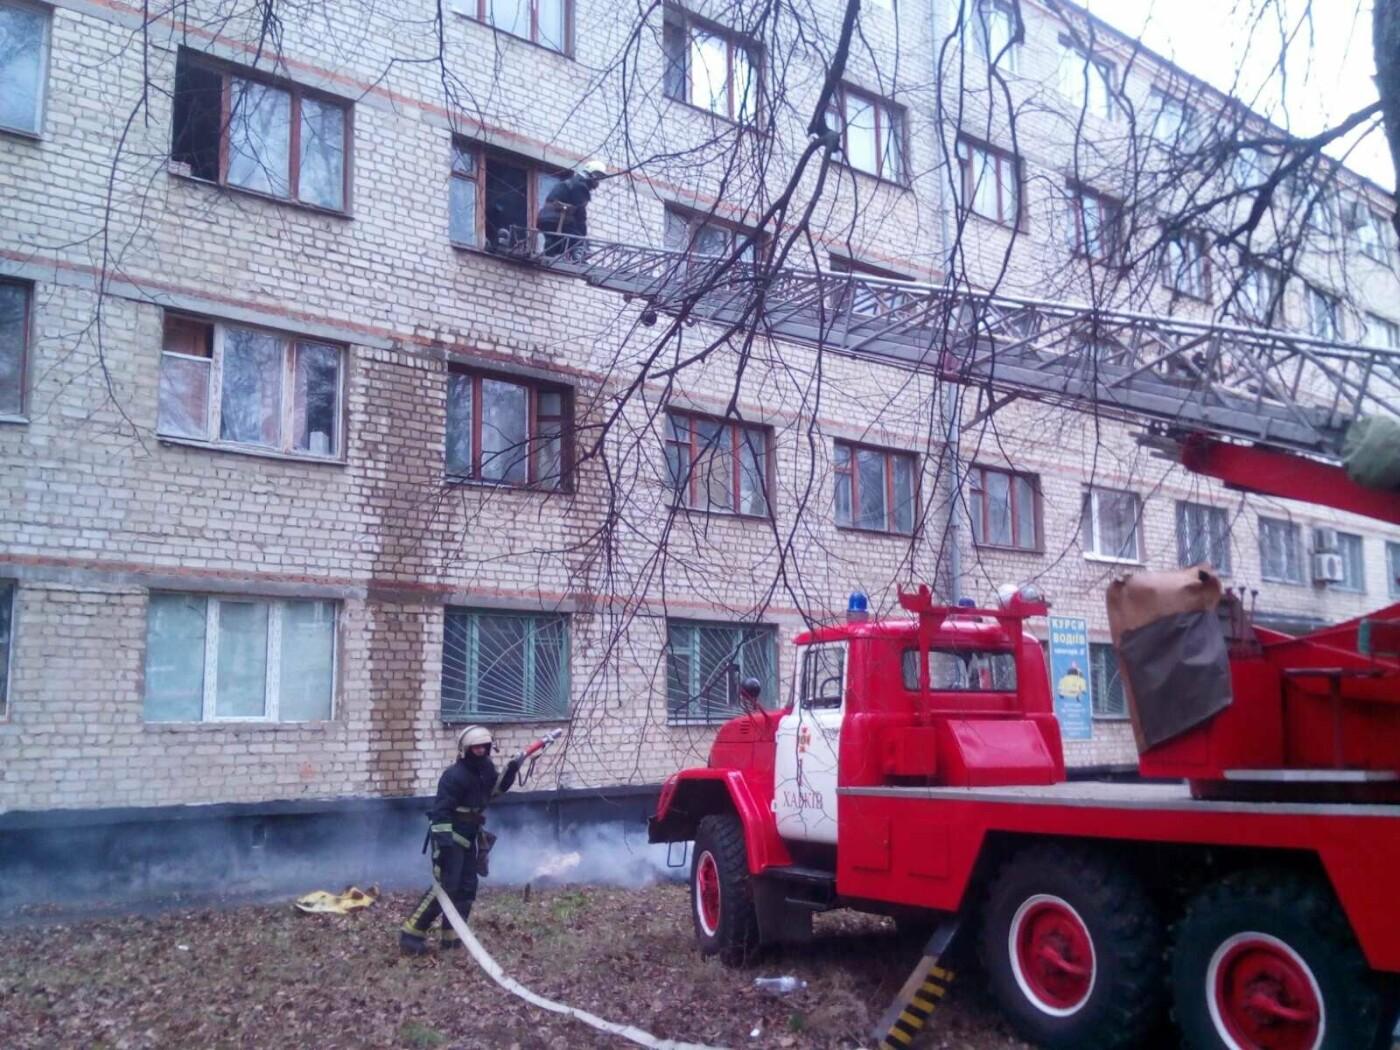 В Харькове загорелось студенческое общежитие: спасатели эвакуировали более полусотни человек, - ФОТО, ВИДЕО, фото-2